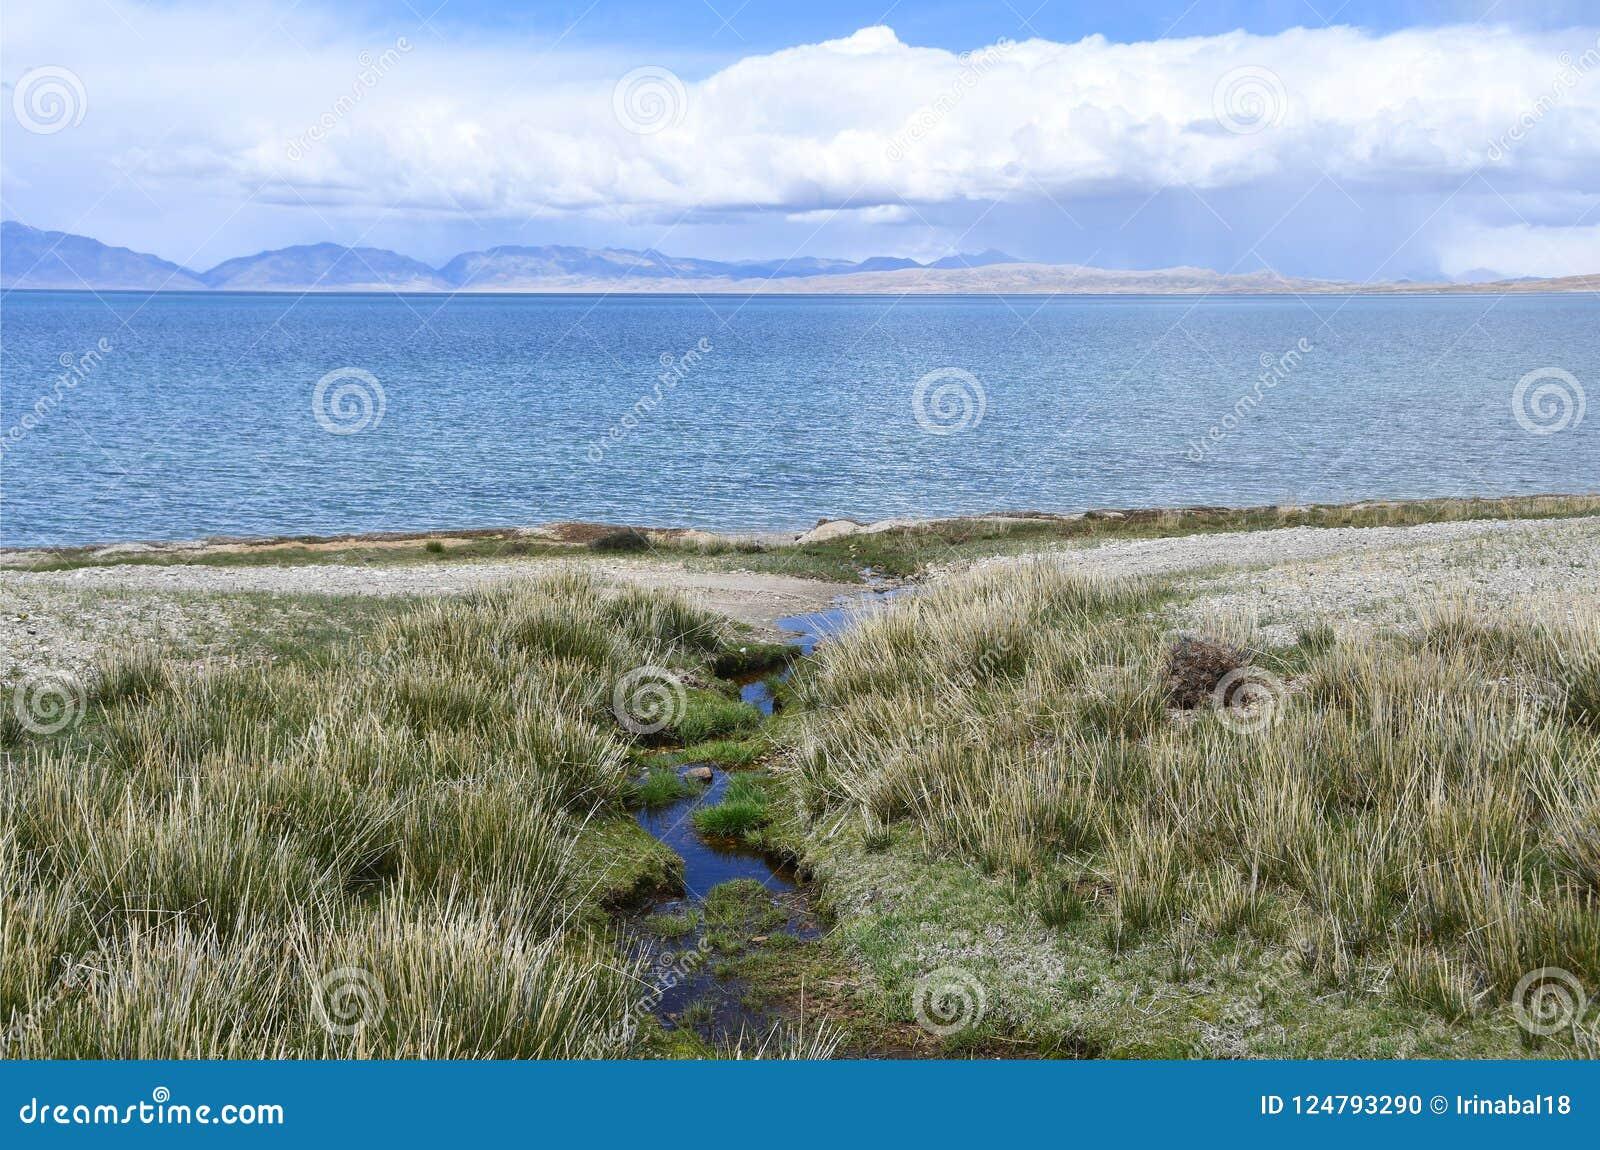 China, Tibet, holy lake Manasarovar